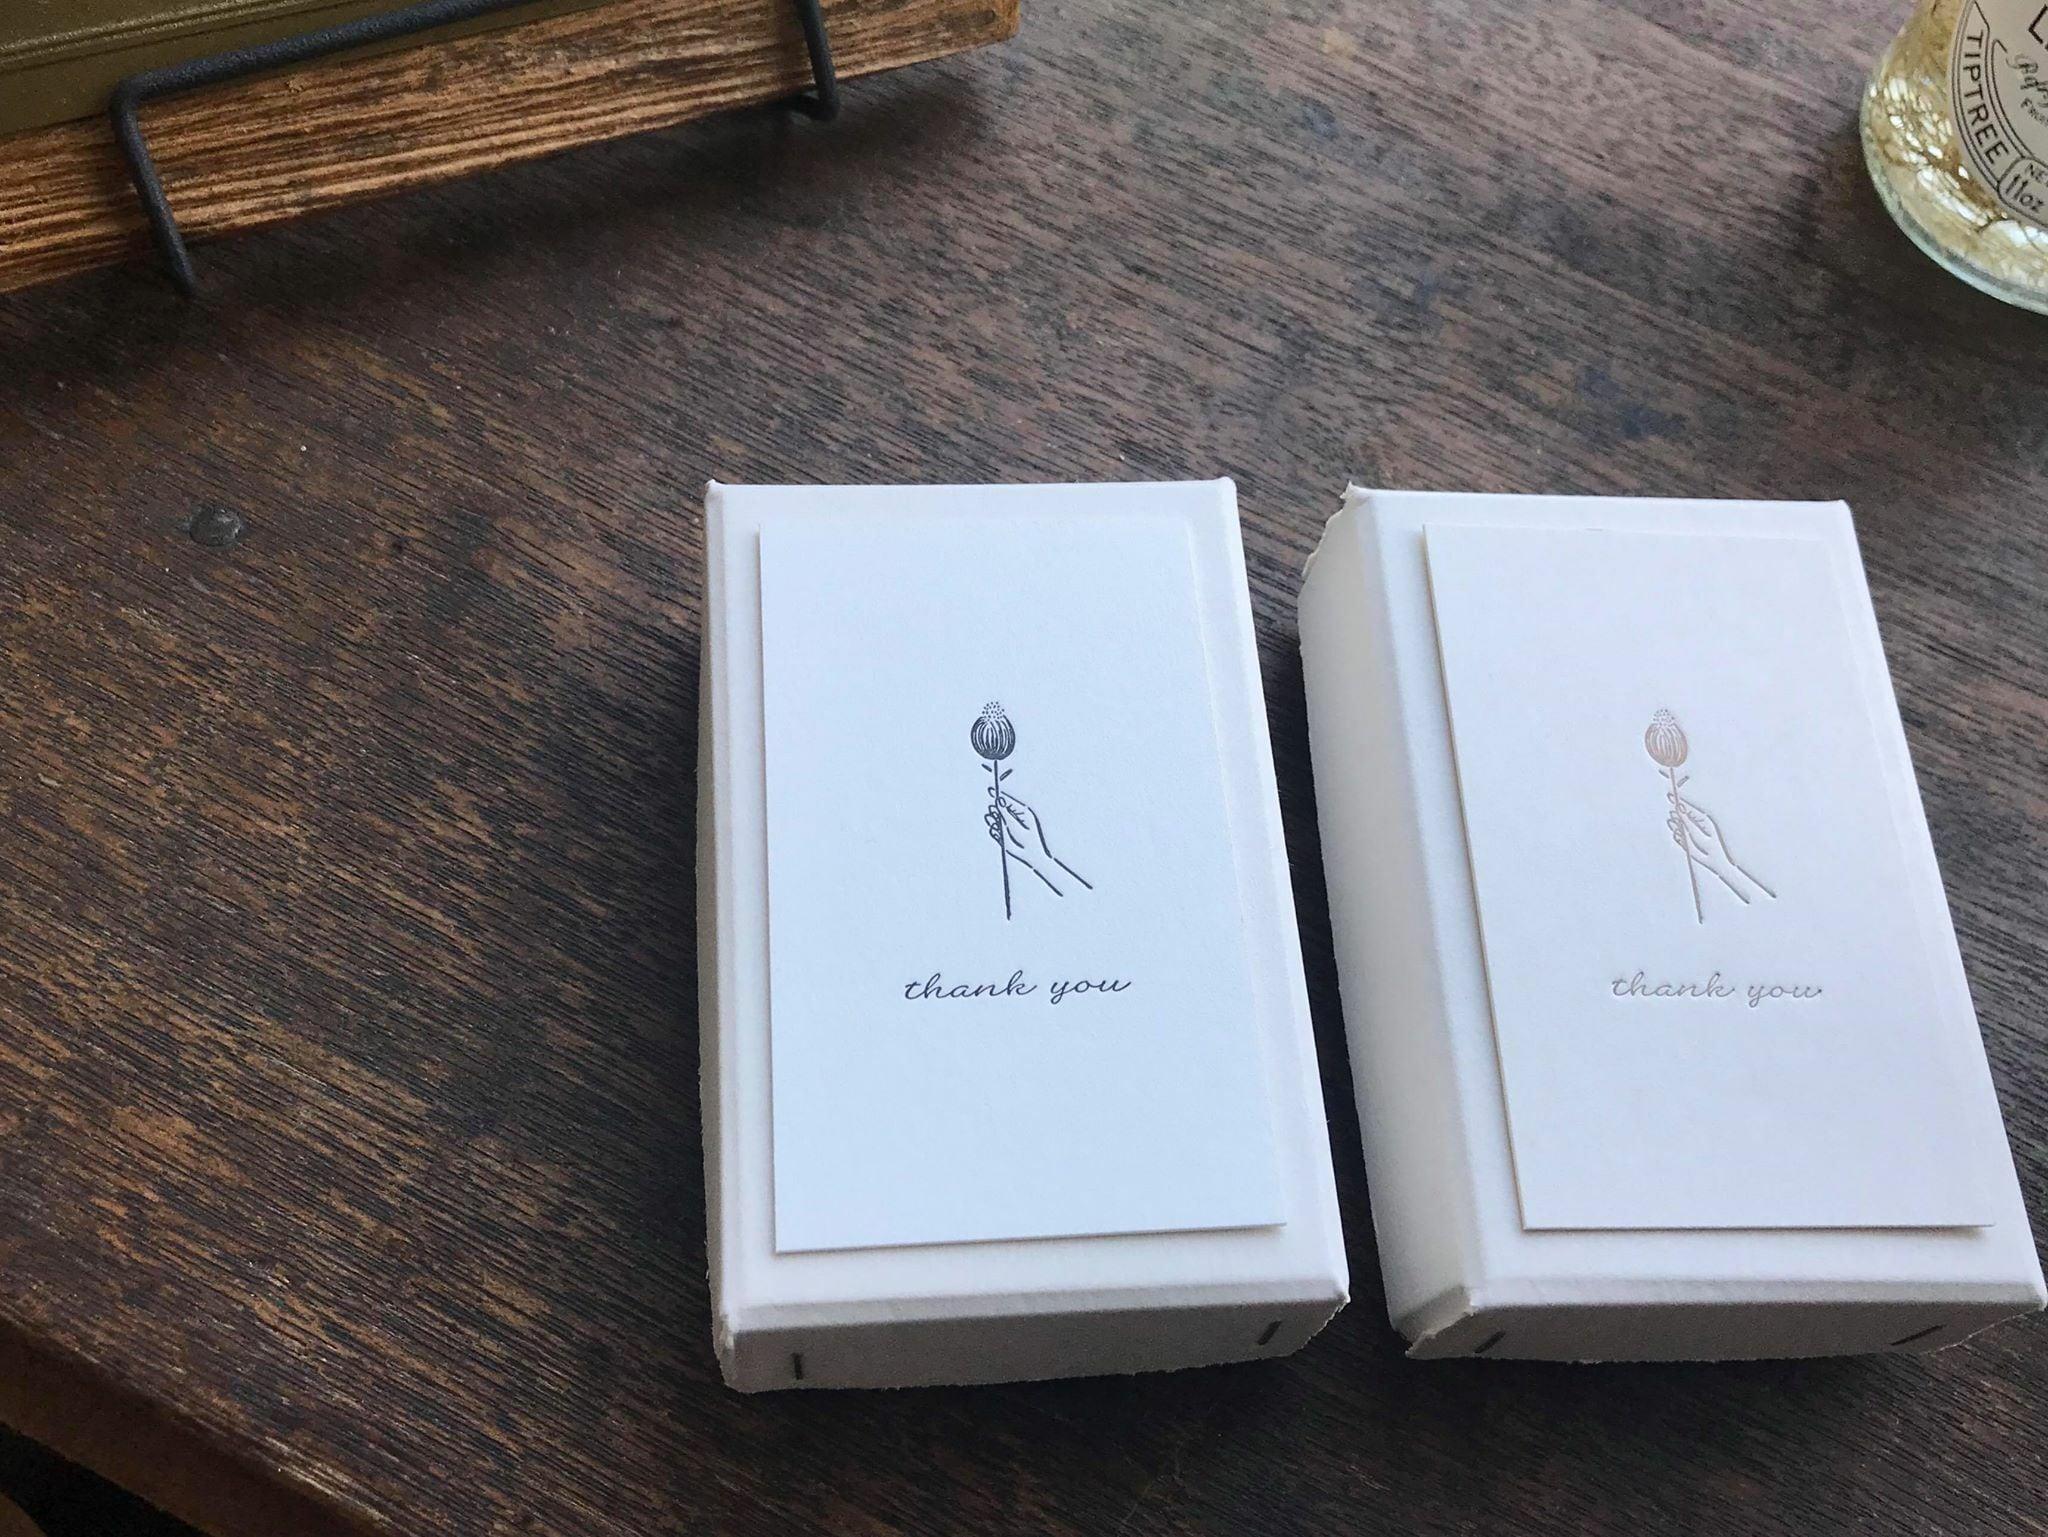 【活版印刷】Thank you card box  Bronze / Black(カード7種アソート30枚入り)